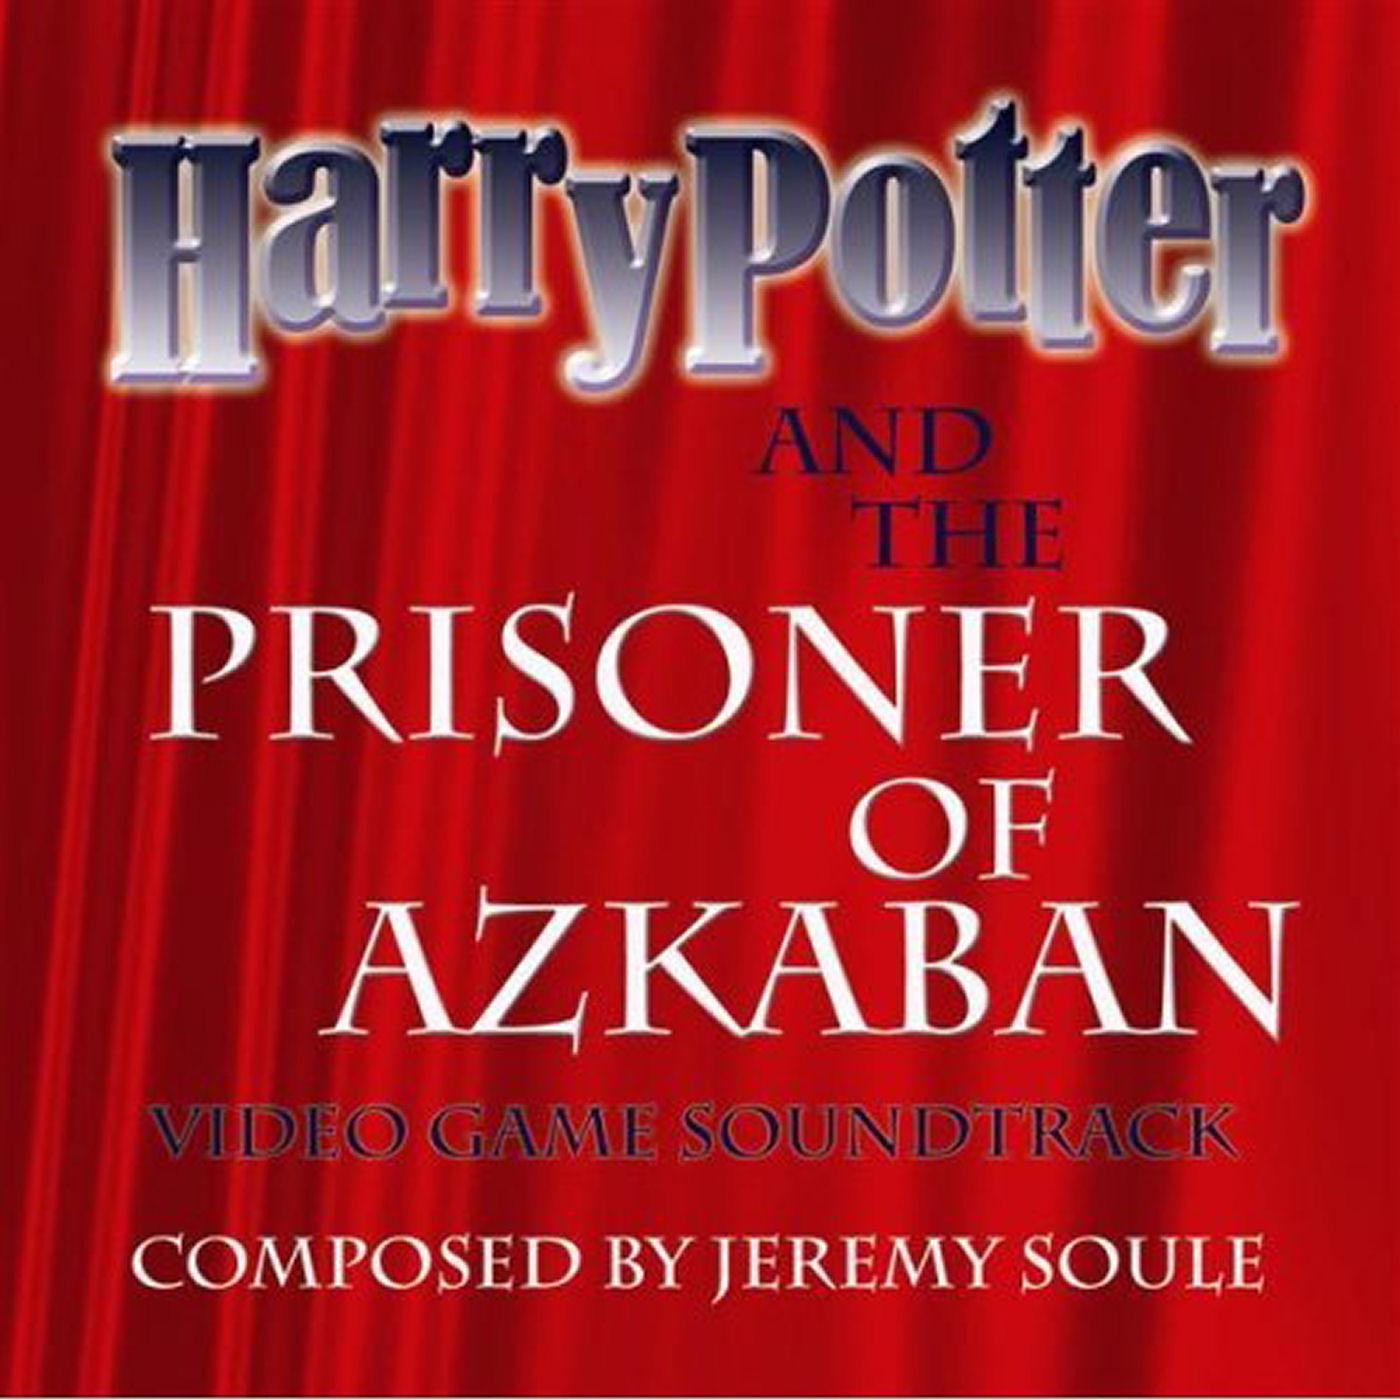 Harry Potter y el prisionero de Azkaban (banda sonora del videojuego)